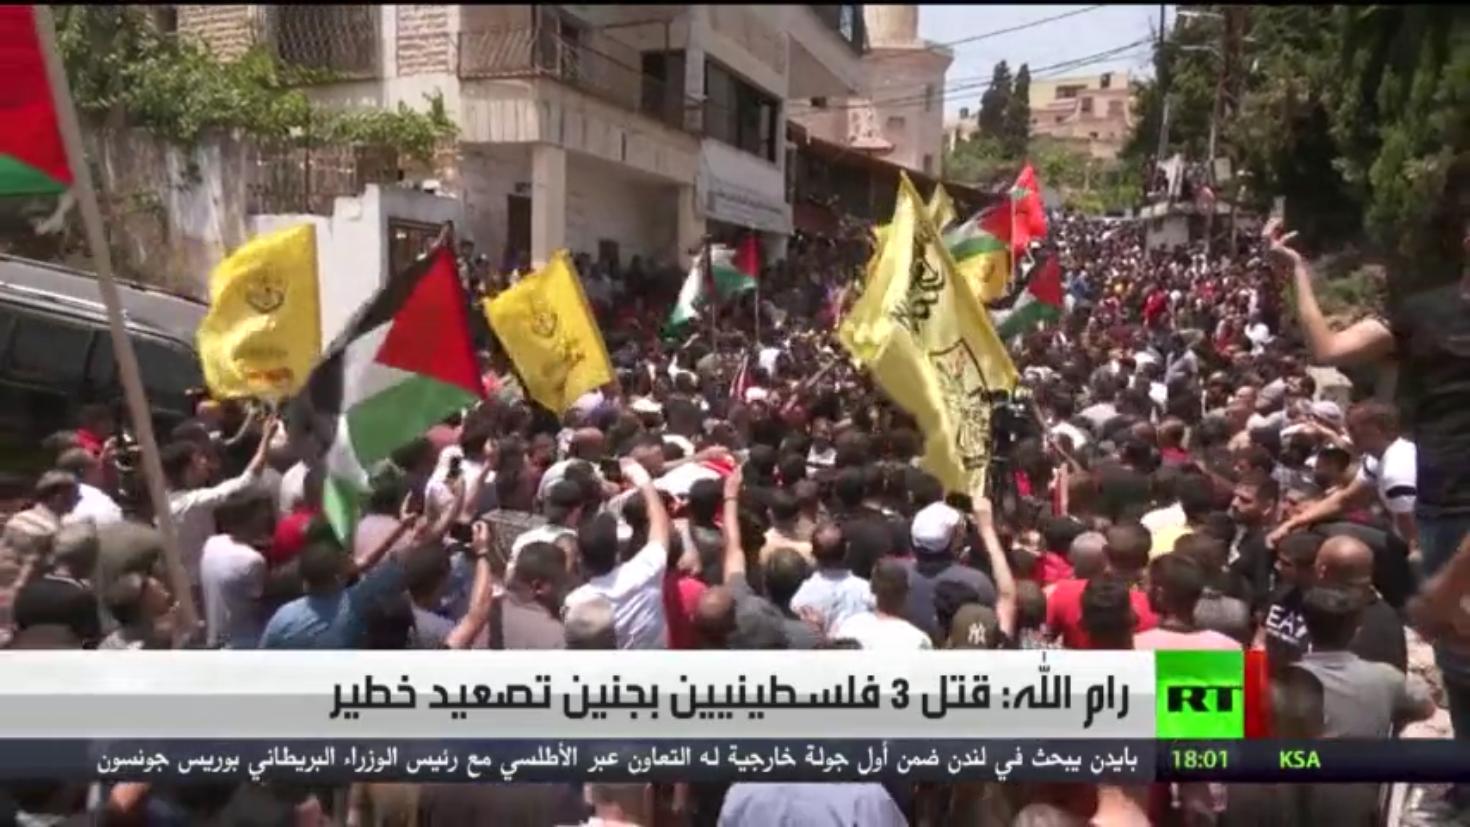 رام الله: قتل 3 فلسطينيين بجنين تصعيد خطير